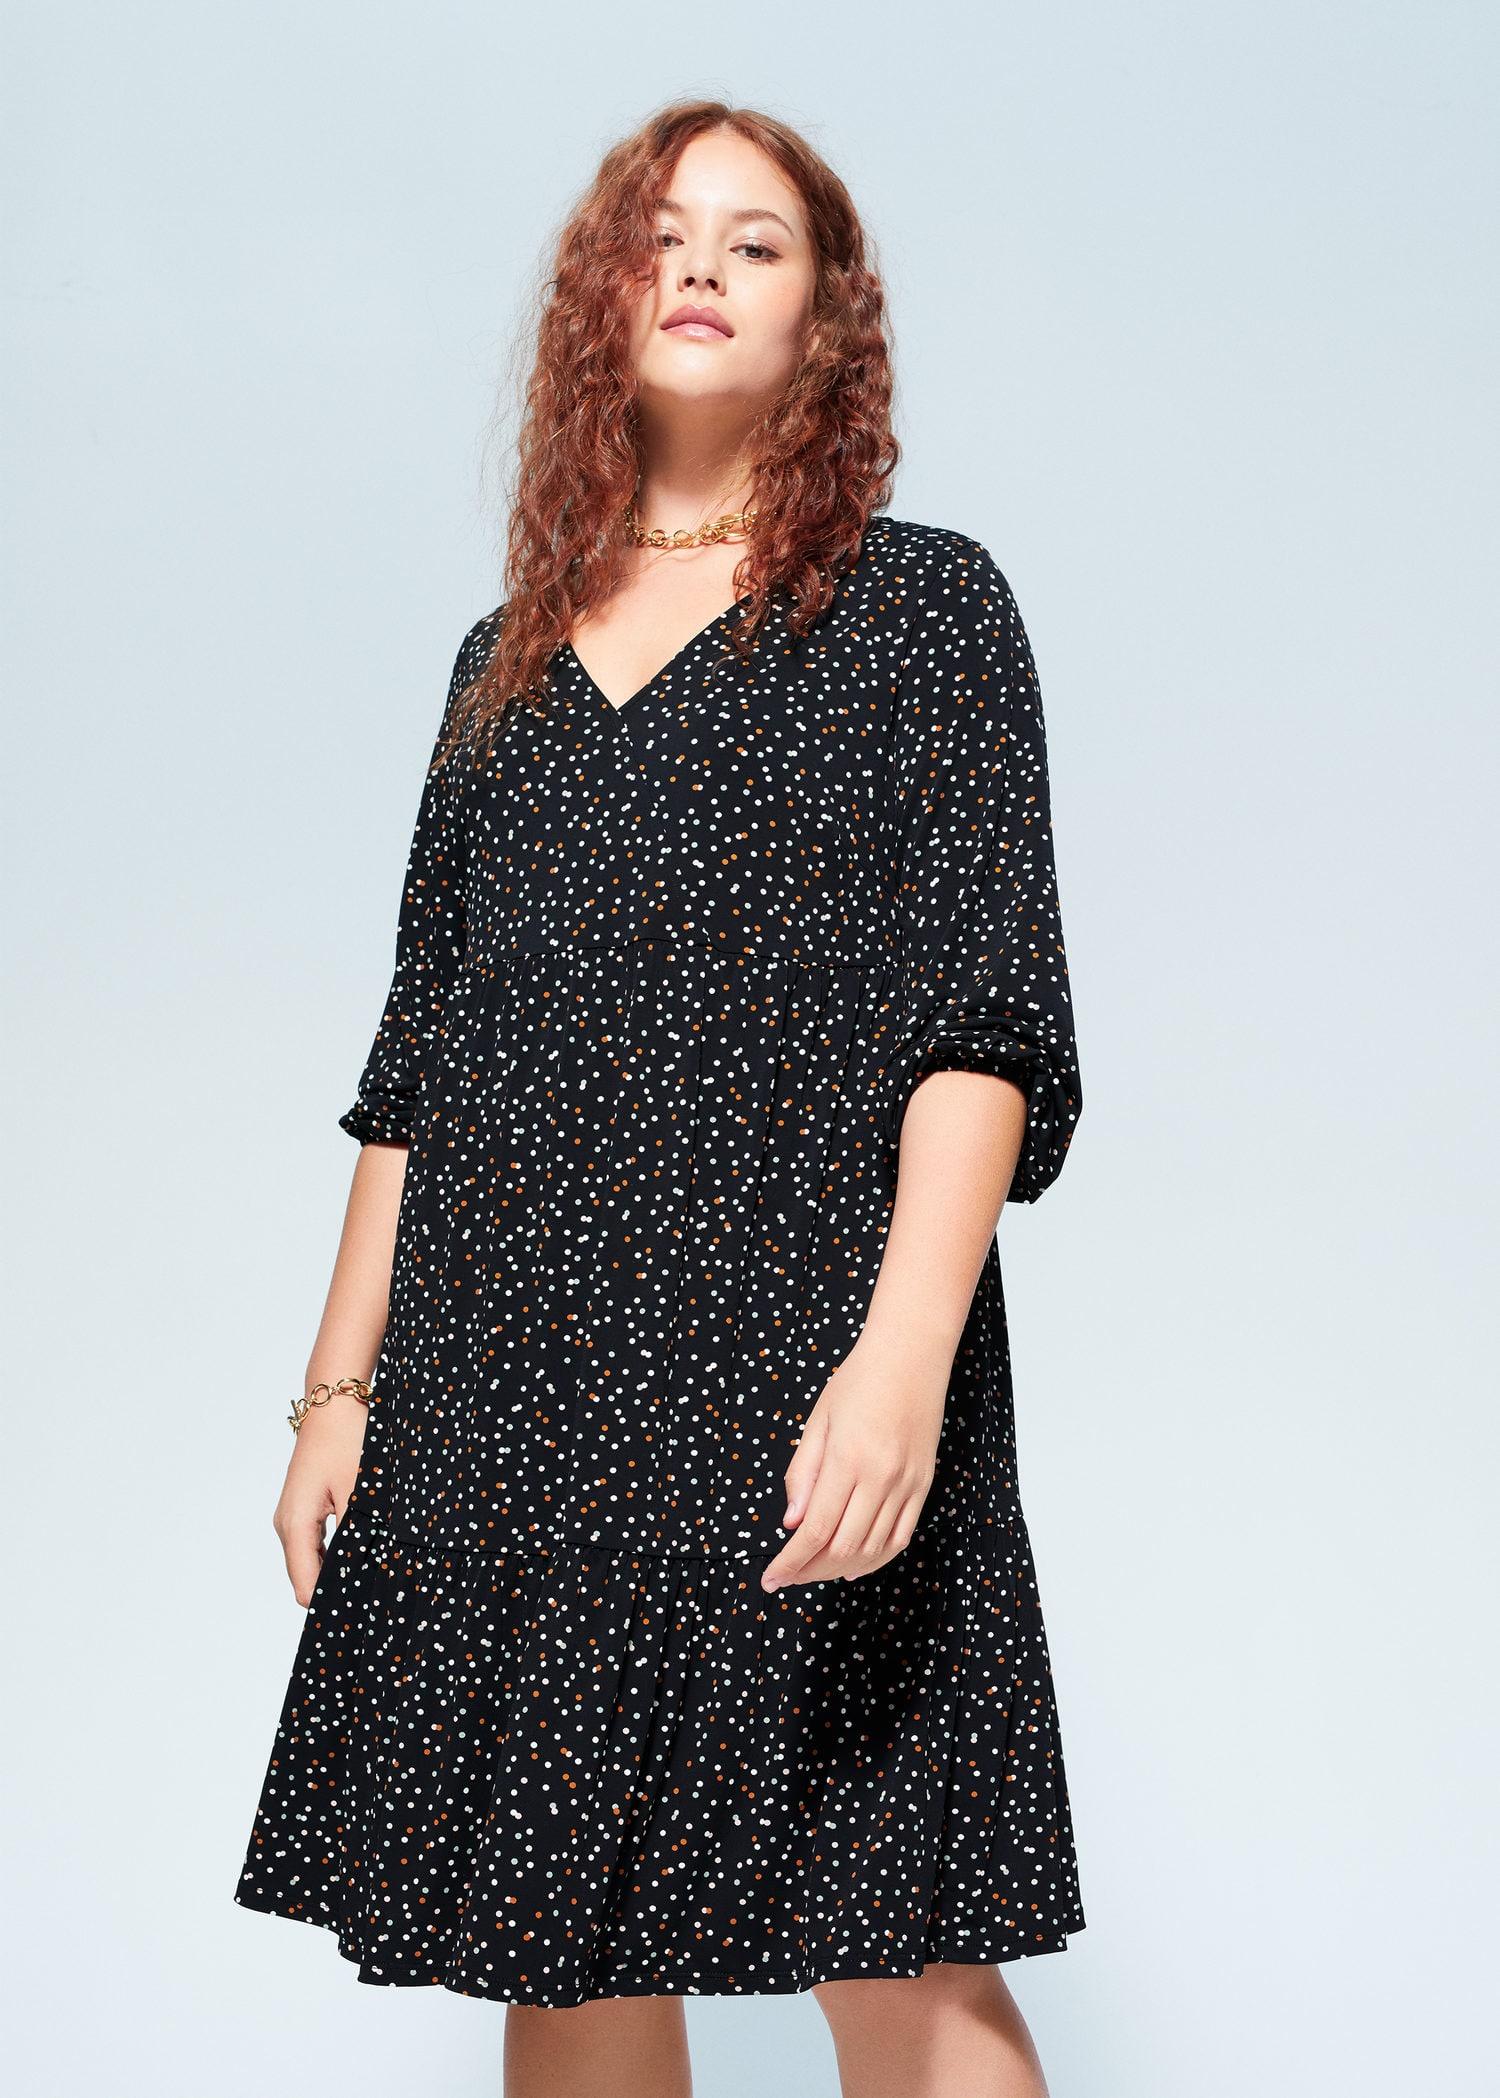 midi-kleid mit polka dots - große größen | violetamango